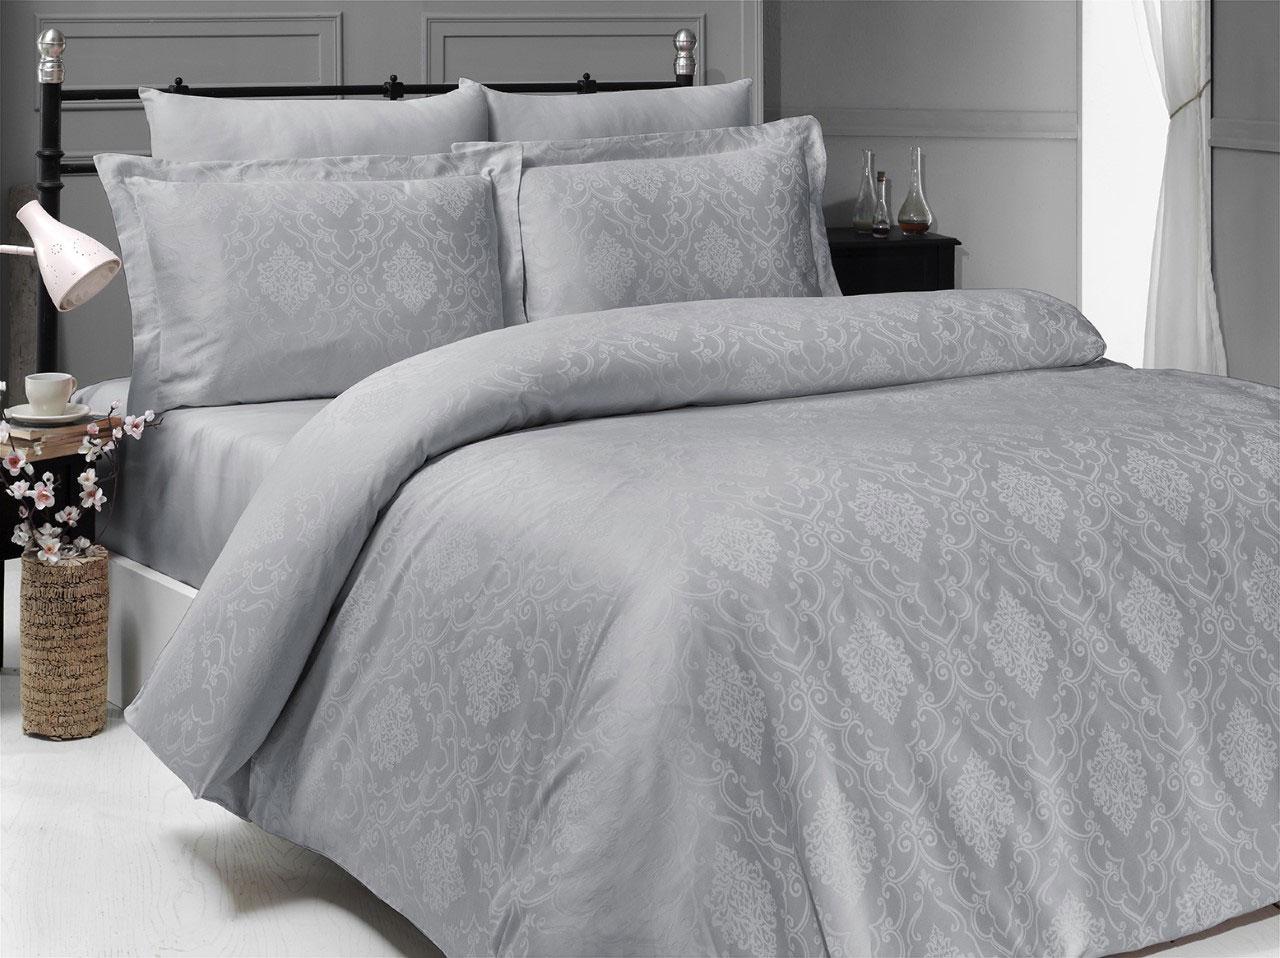 Комплект белья из сатин-жаккарда 10497 Dedria серый Doco